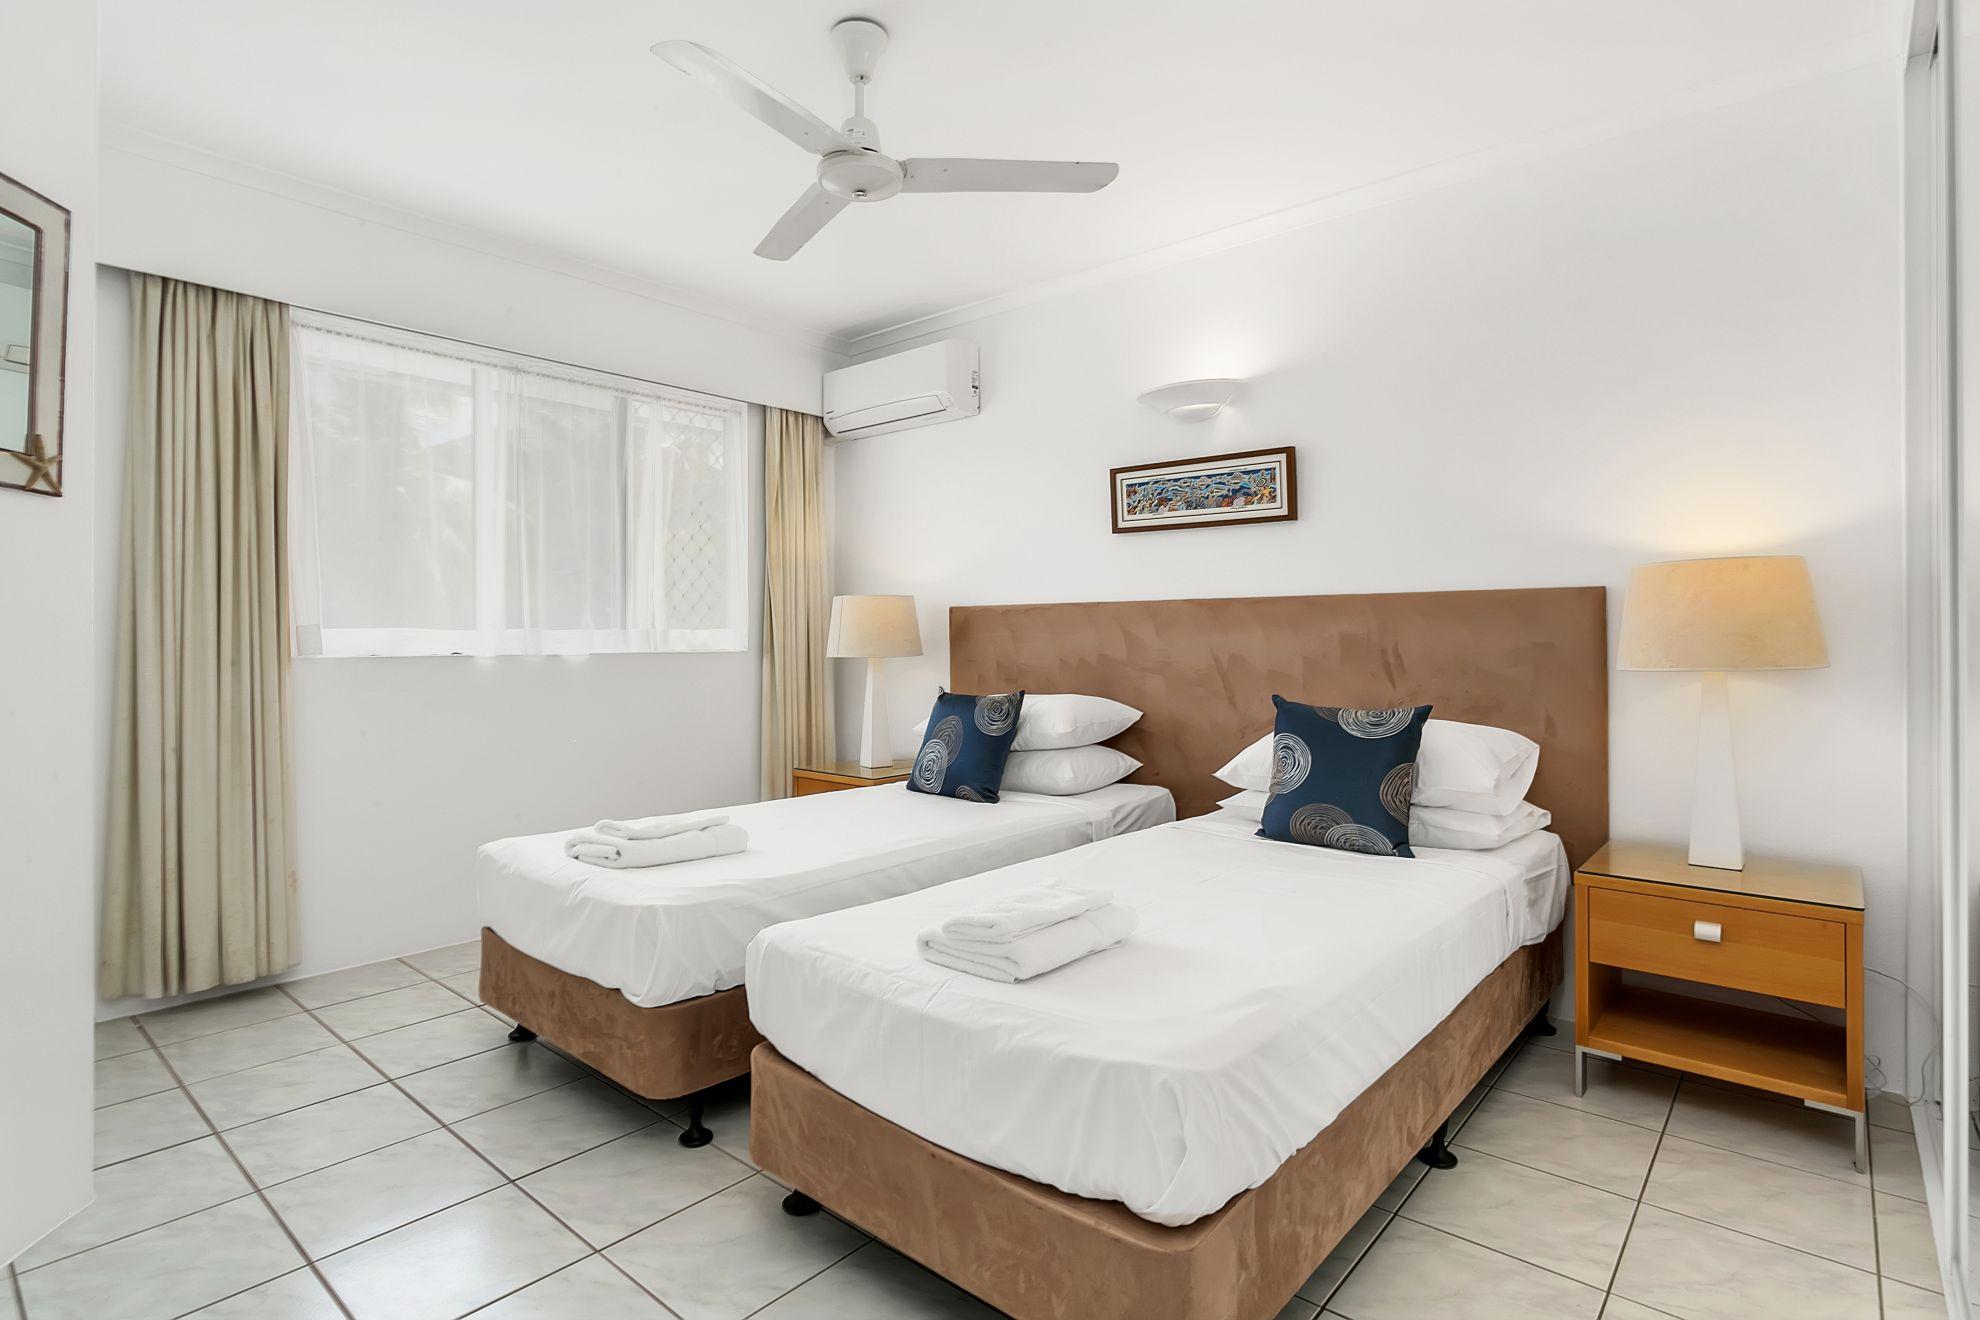 ONE BEDROOM GARDEN VIEW - TOP FLOOR